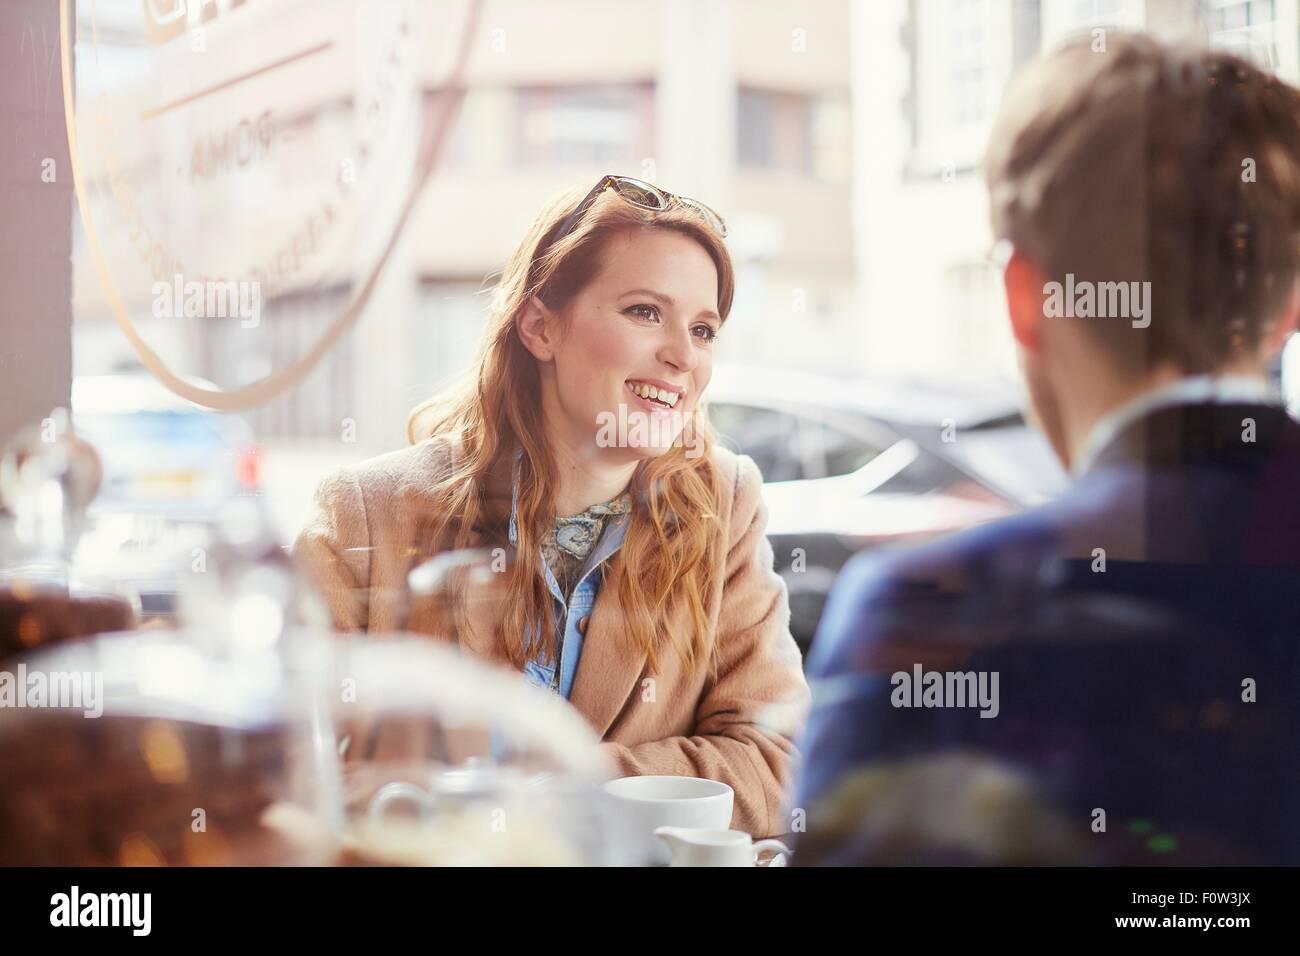 Couple chatting at sidewalk cafe, London, UK - Stock Image